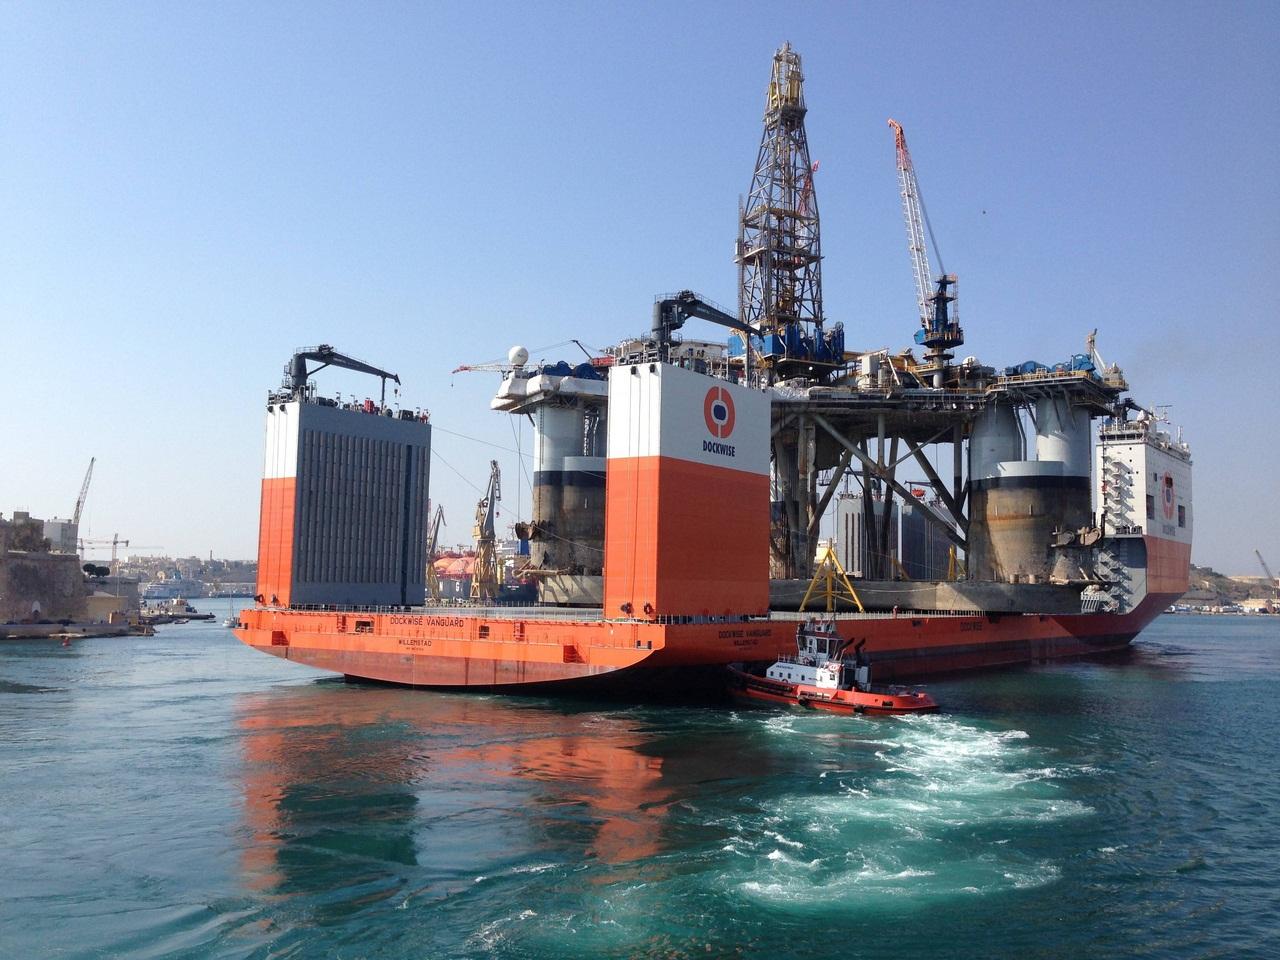 самые большие судна рефрижераторы в мире фото того